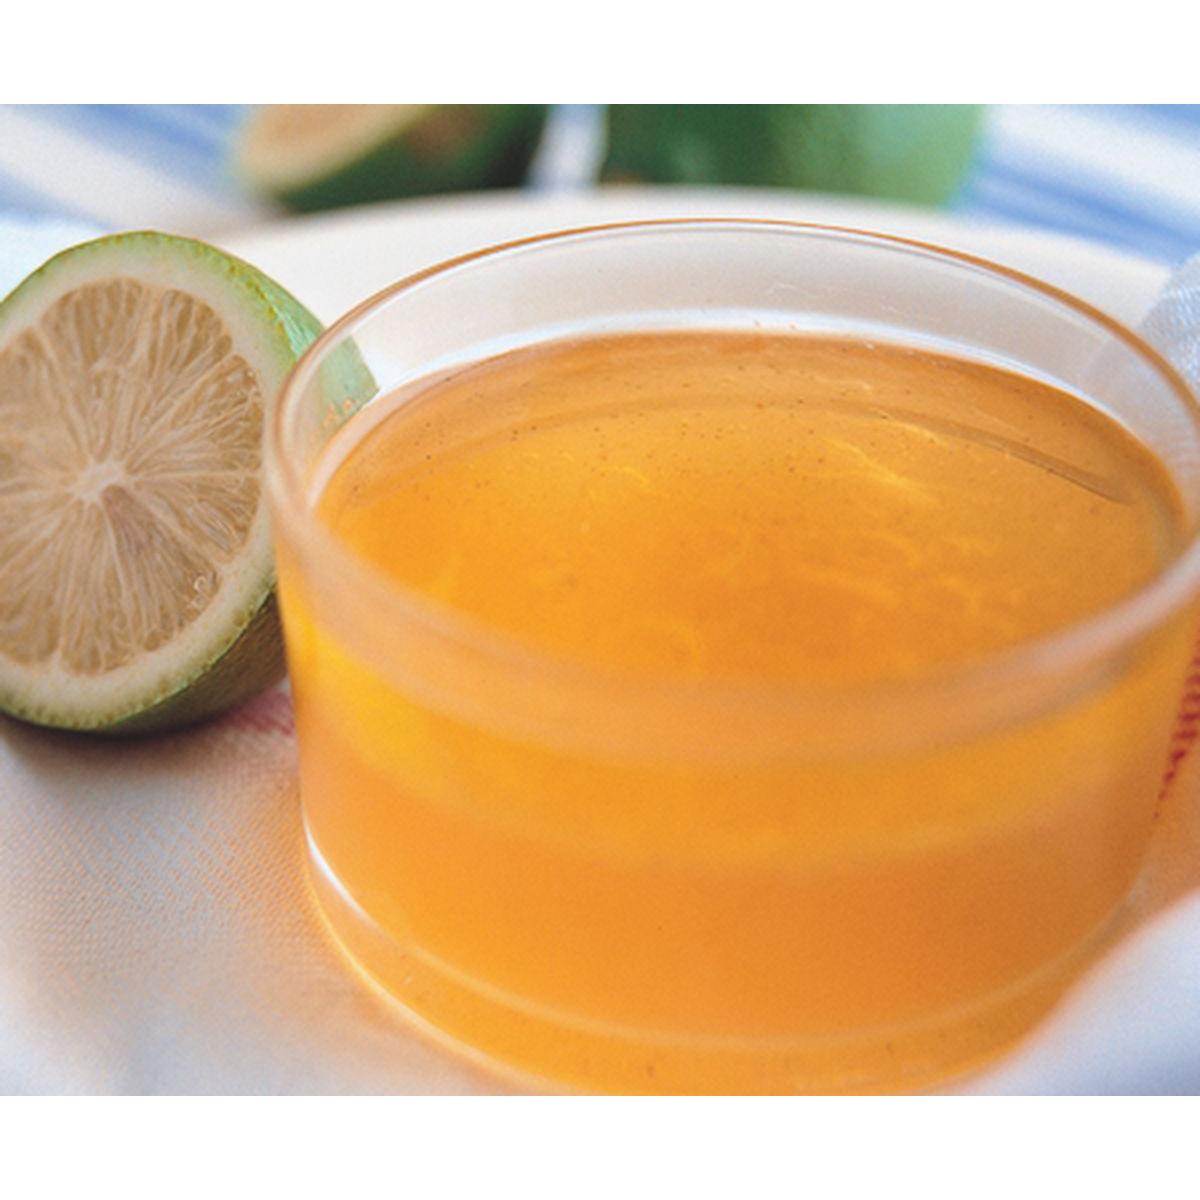 食譜:檸檬醋汁